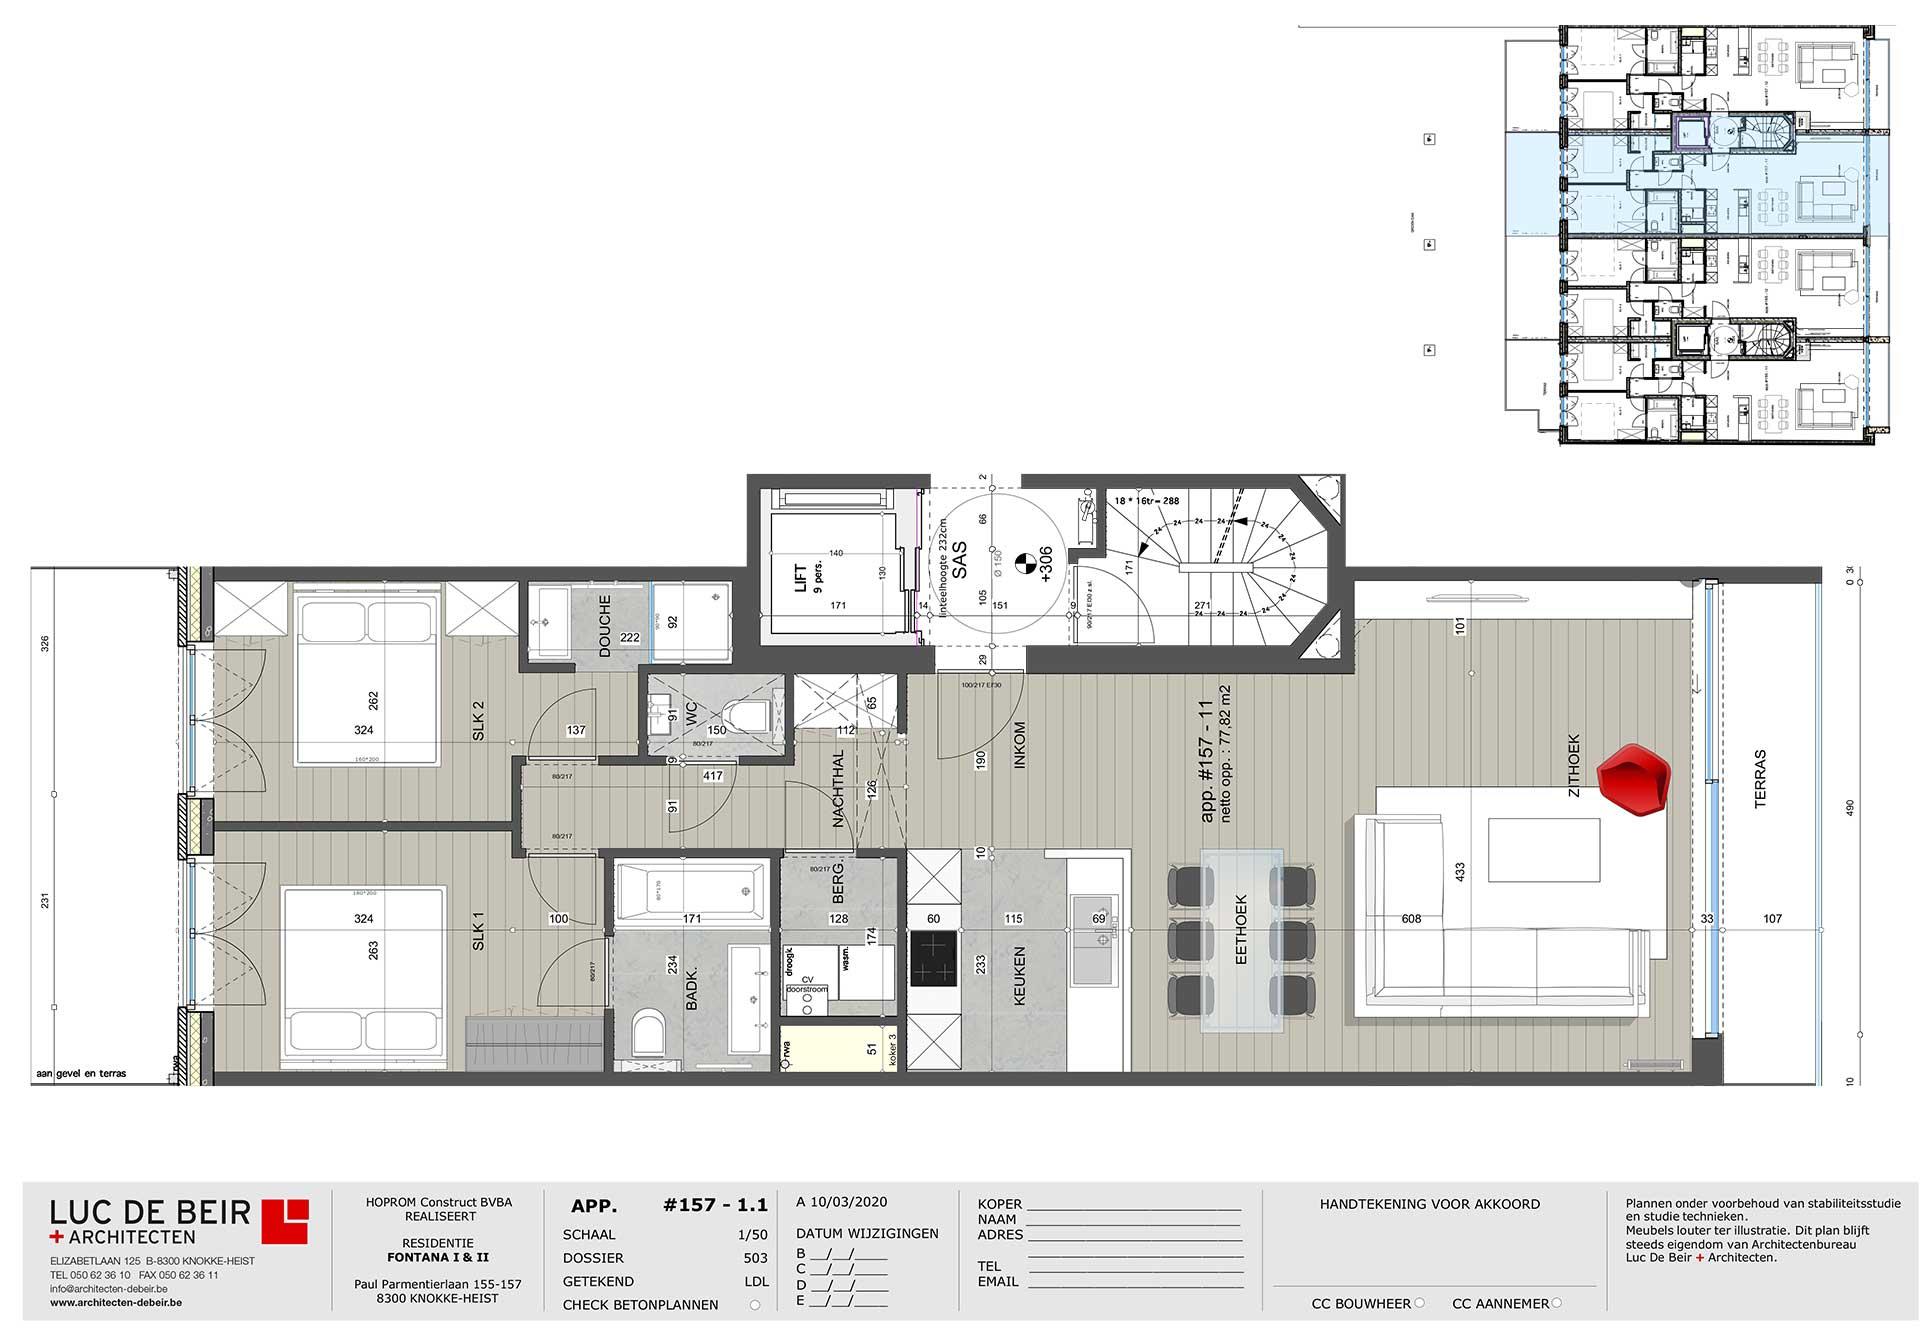 Residentie <br/> Fontana - image residentie-fontana-appartement-te-koop-knokke-plannen-157-11-2 on https://hoprom.be